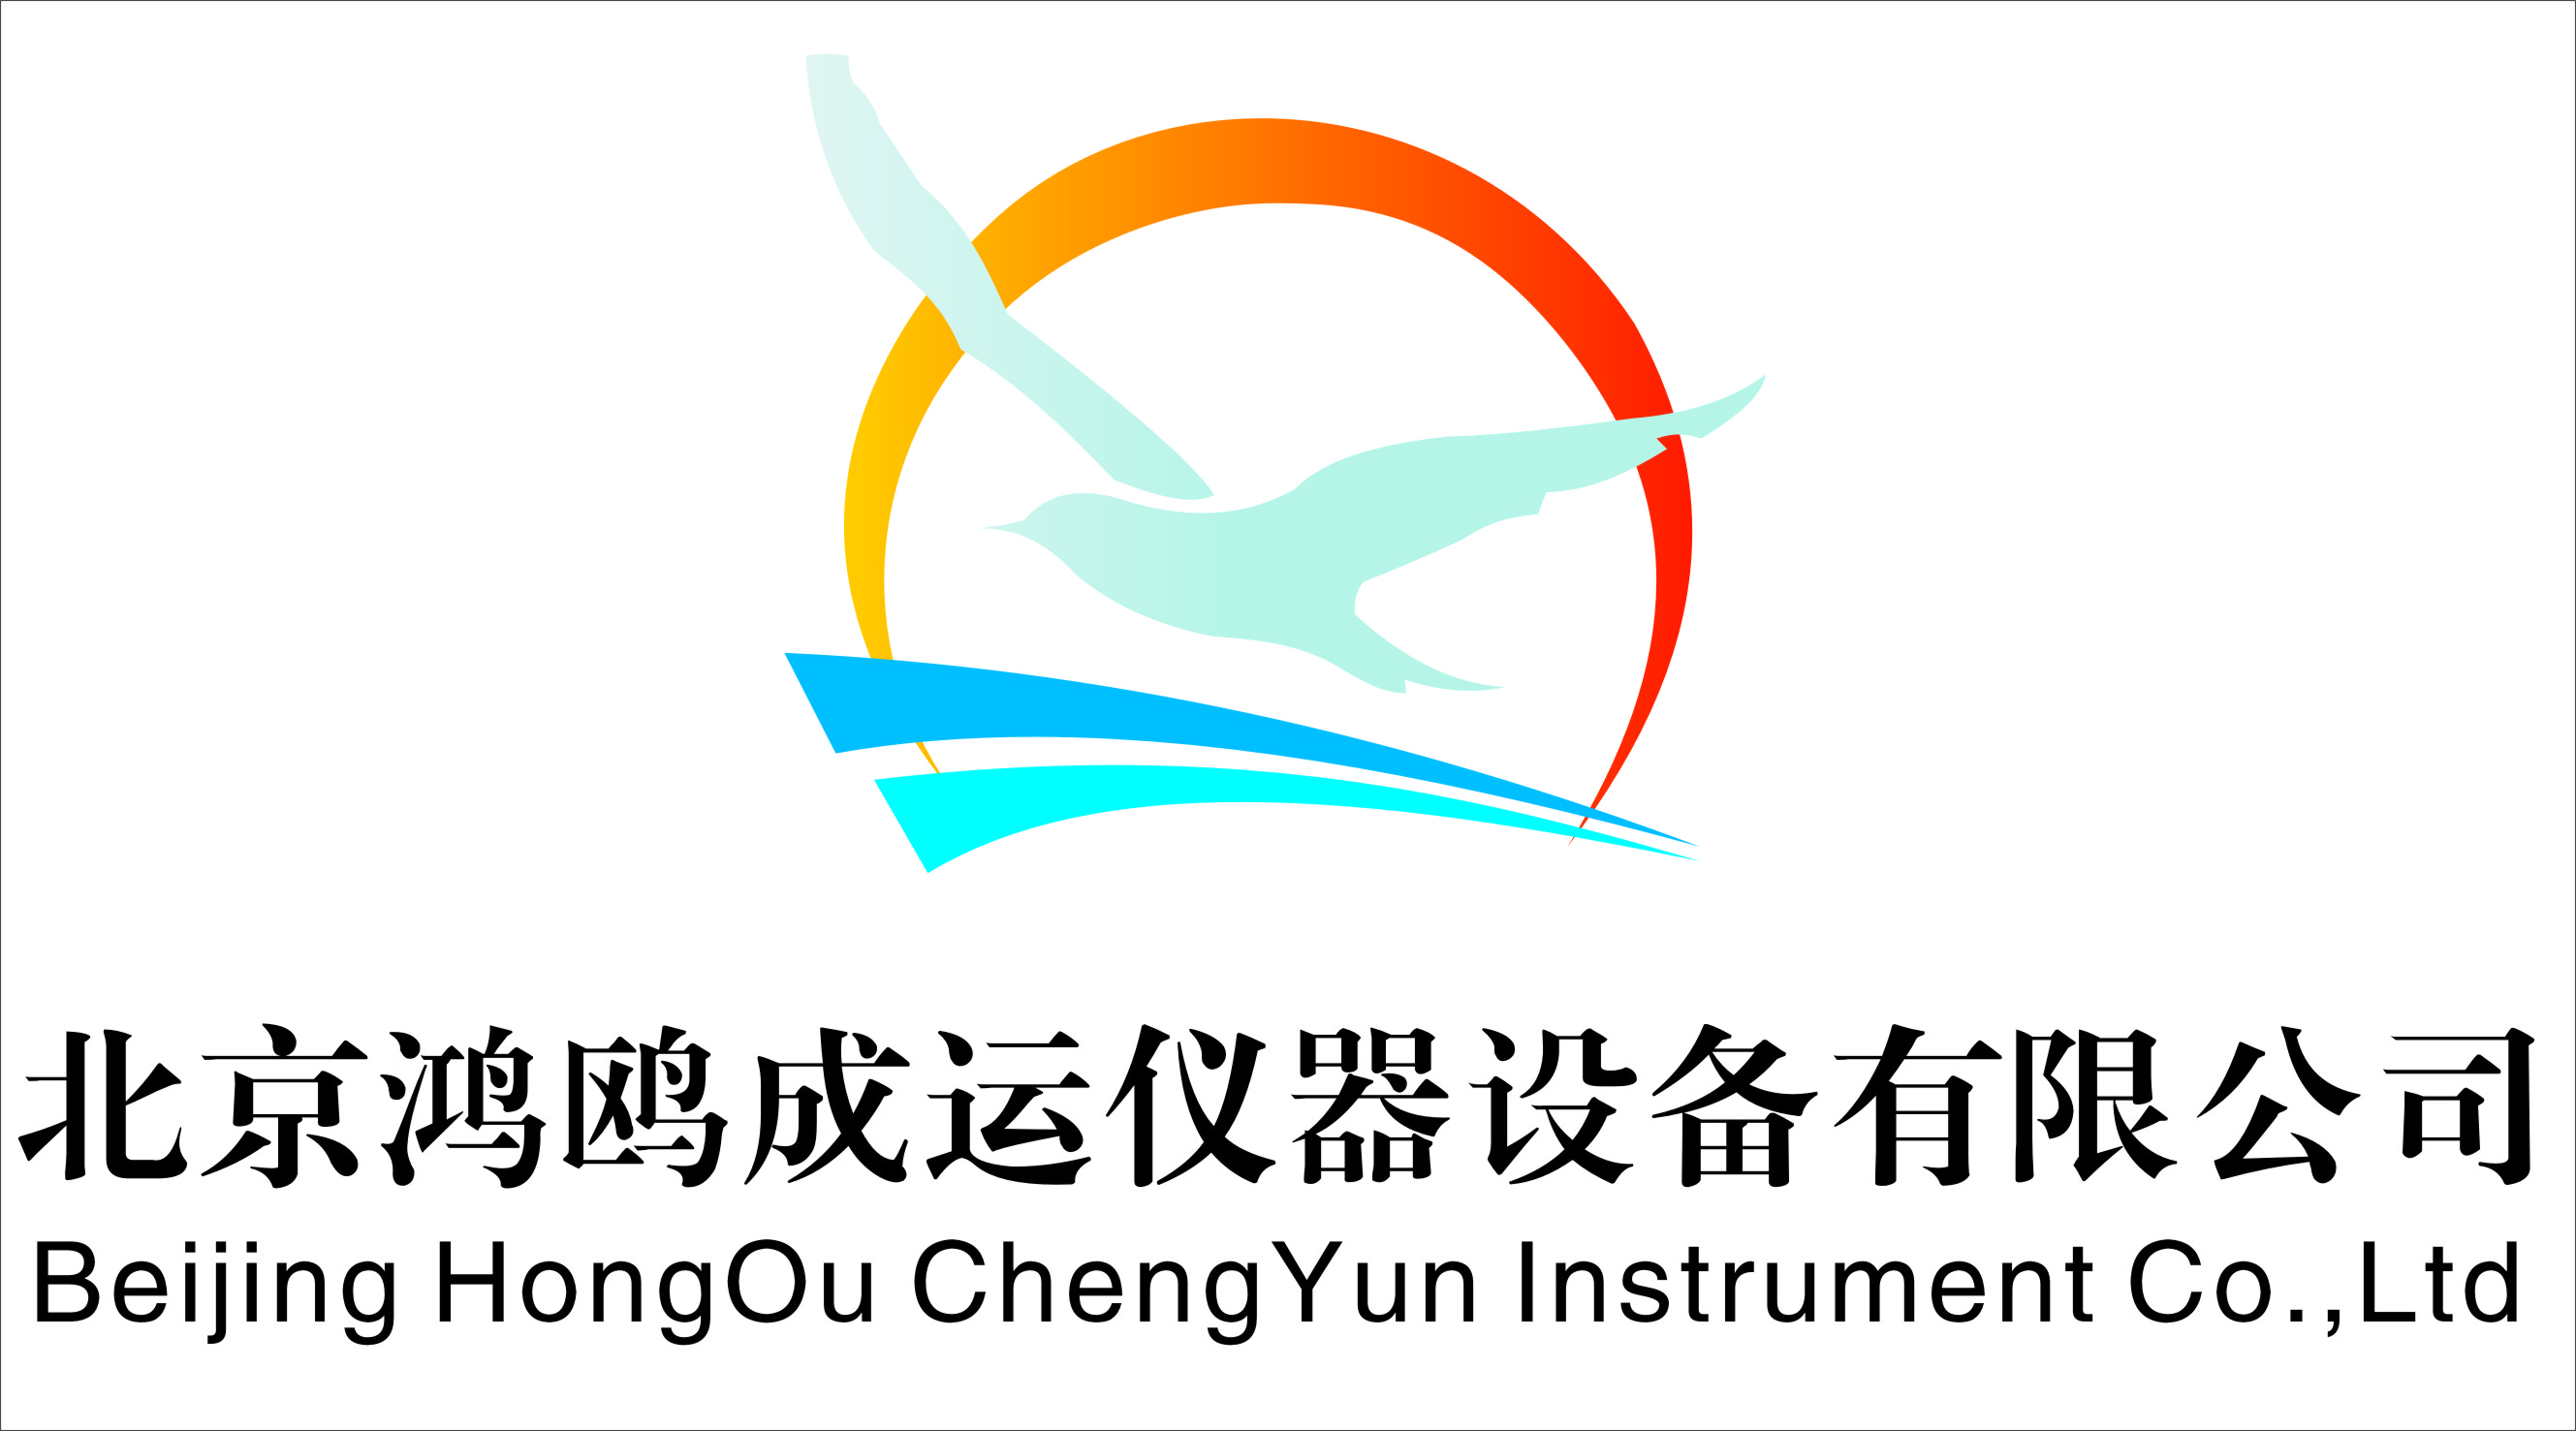 北京鴻鷗成運儀器設備有限公司